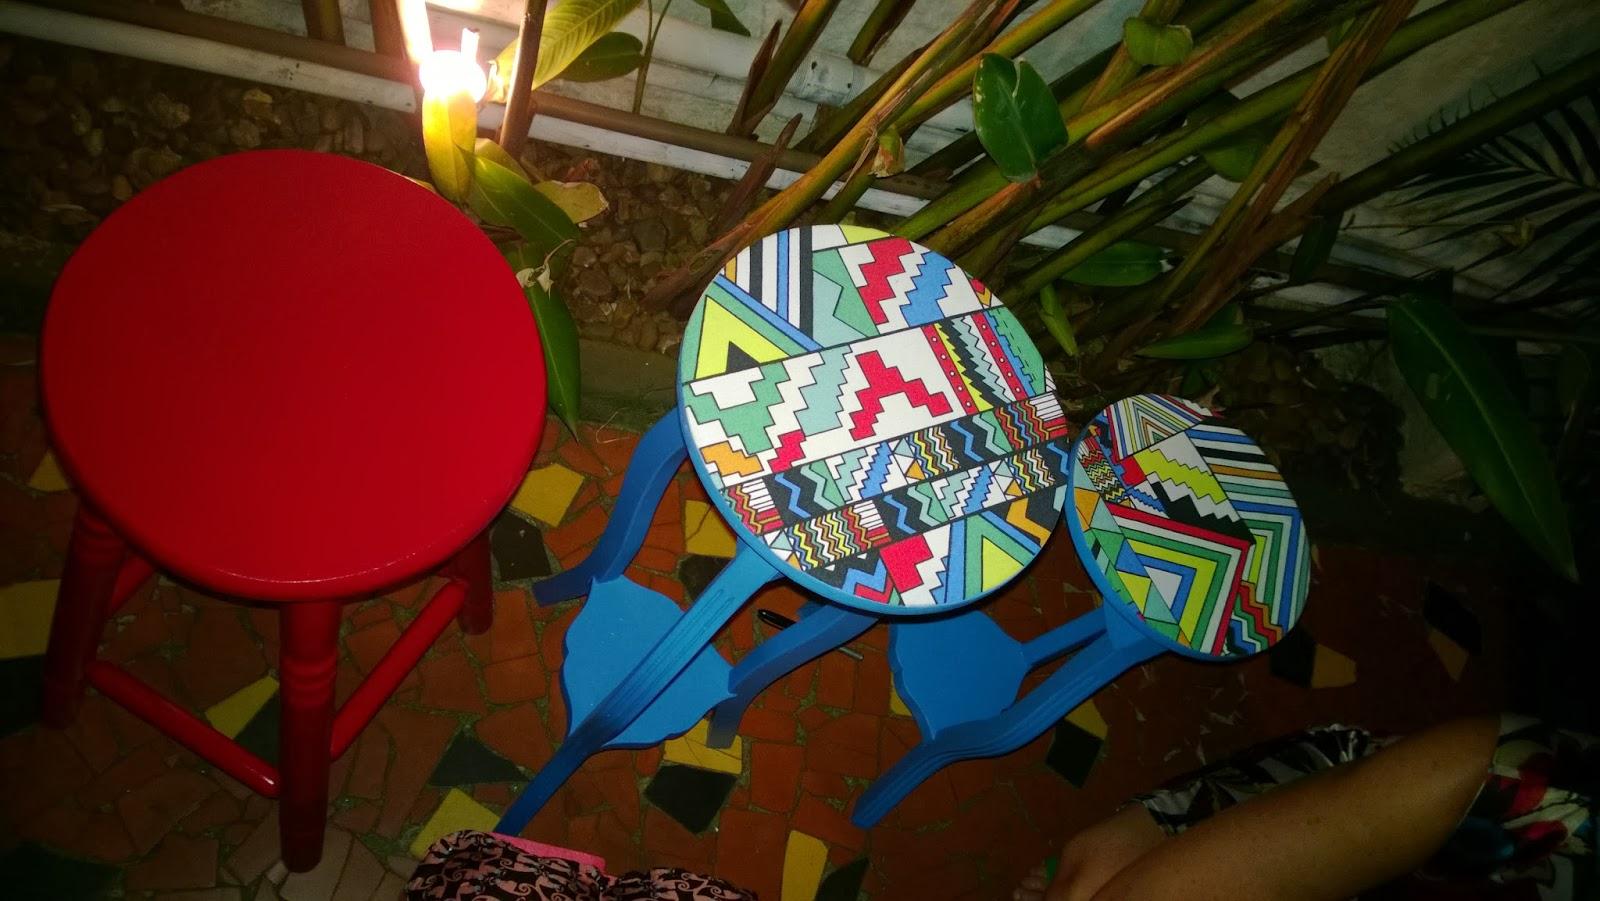 banco e mesinhas - oficina Mão na Massa - blog Casa de Colorir